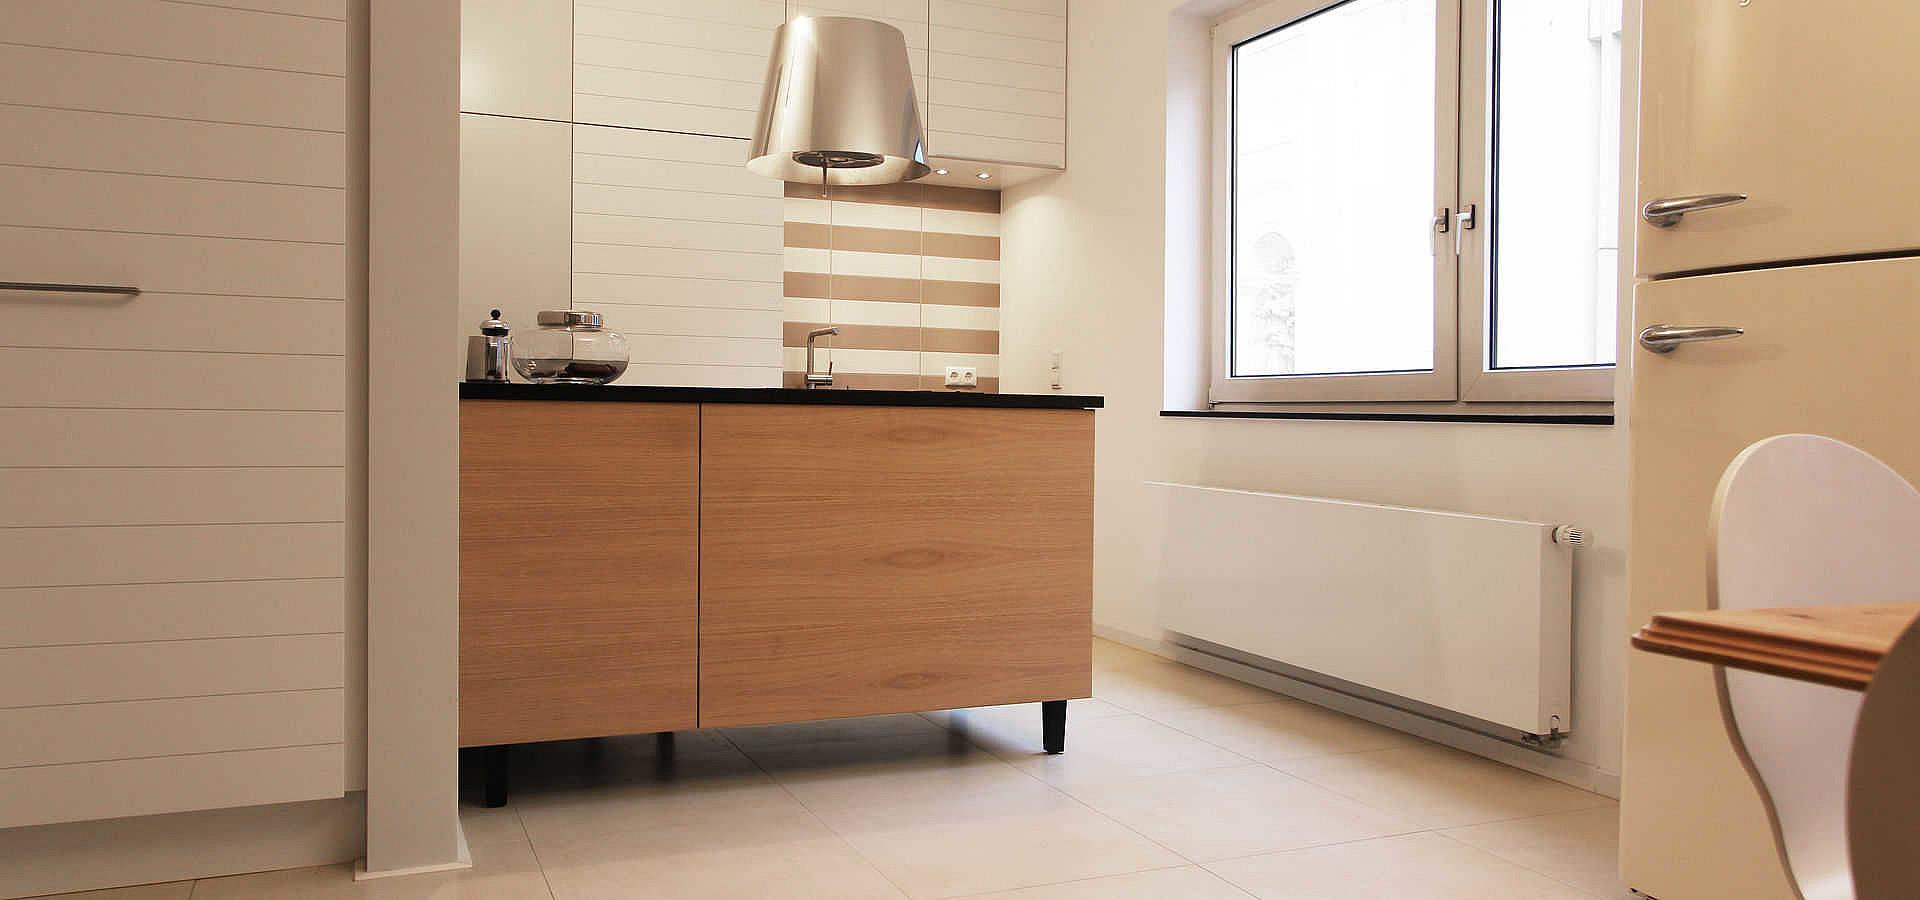 3 Zimmer, Küche, Bad - Innenarchitektur Anne-Doris Fluck ...